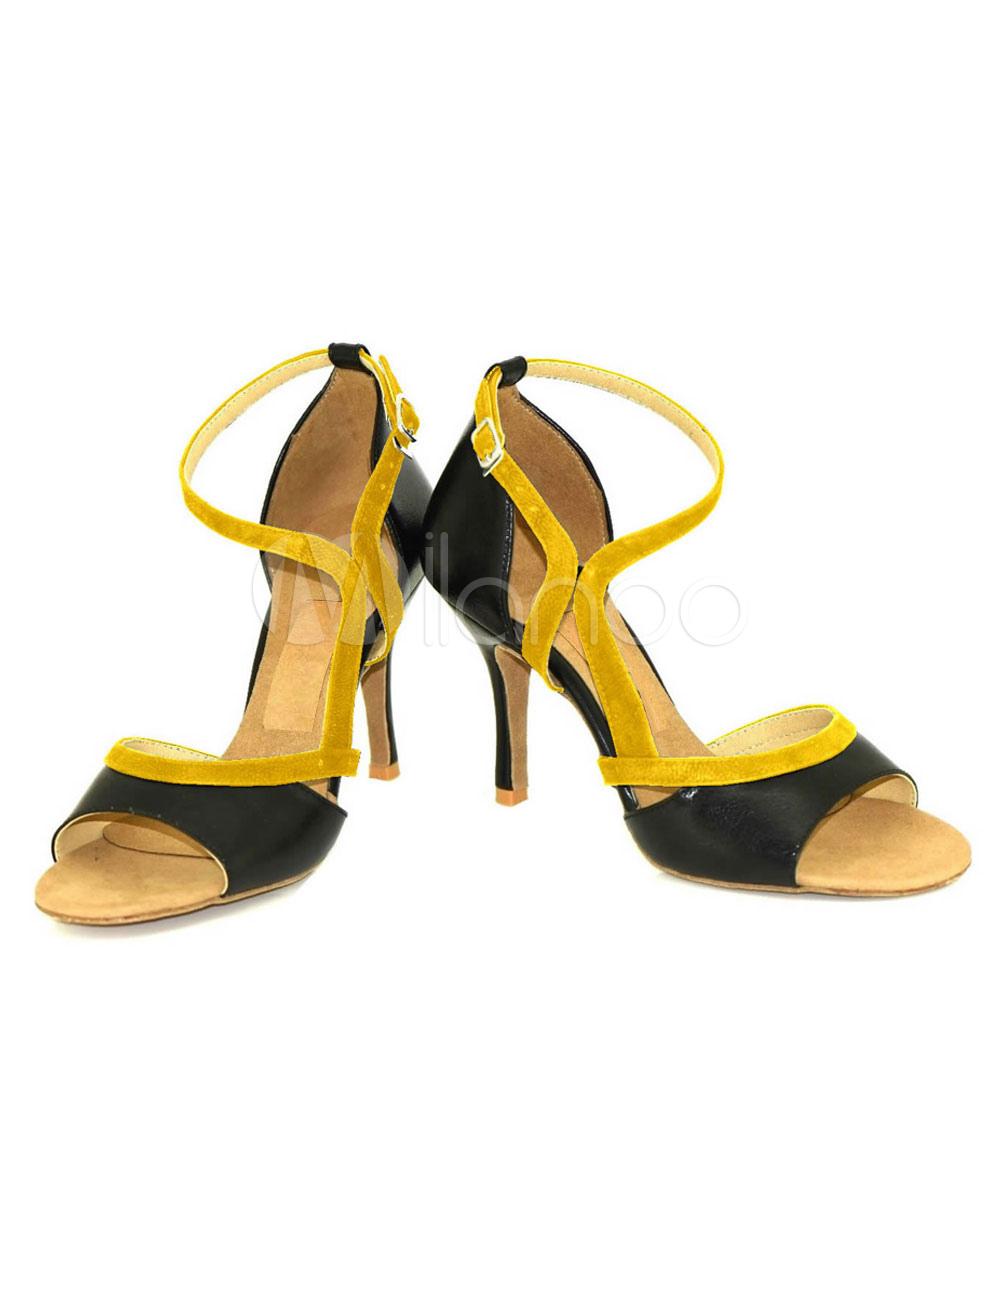 negro salón tacón 3 Nubuck hebilla zapatos personalizado No Baile de zapatos wxOZqdU6w